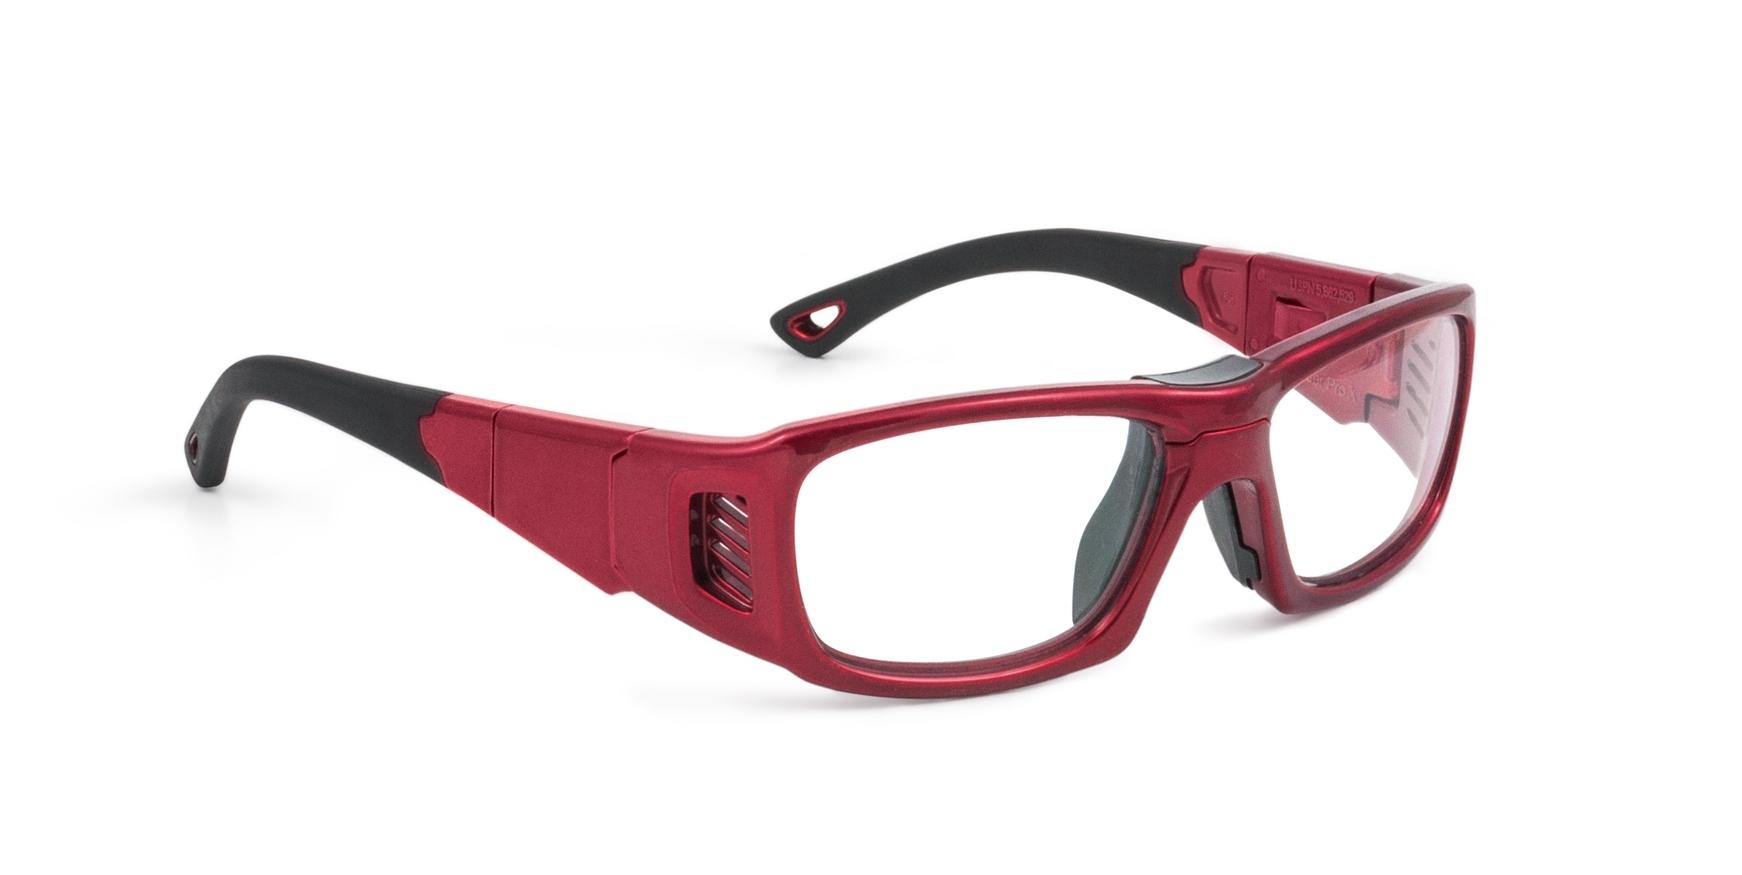 Sportschutzbrille ProX